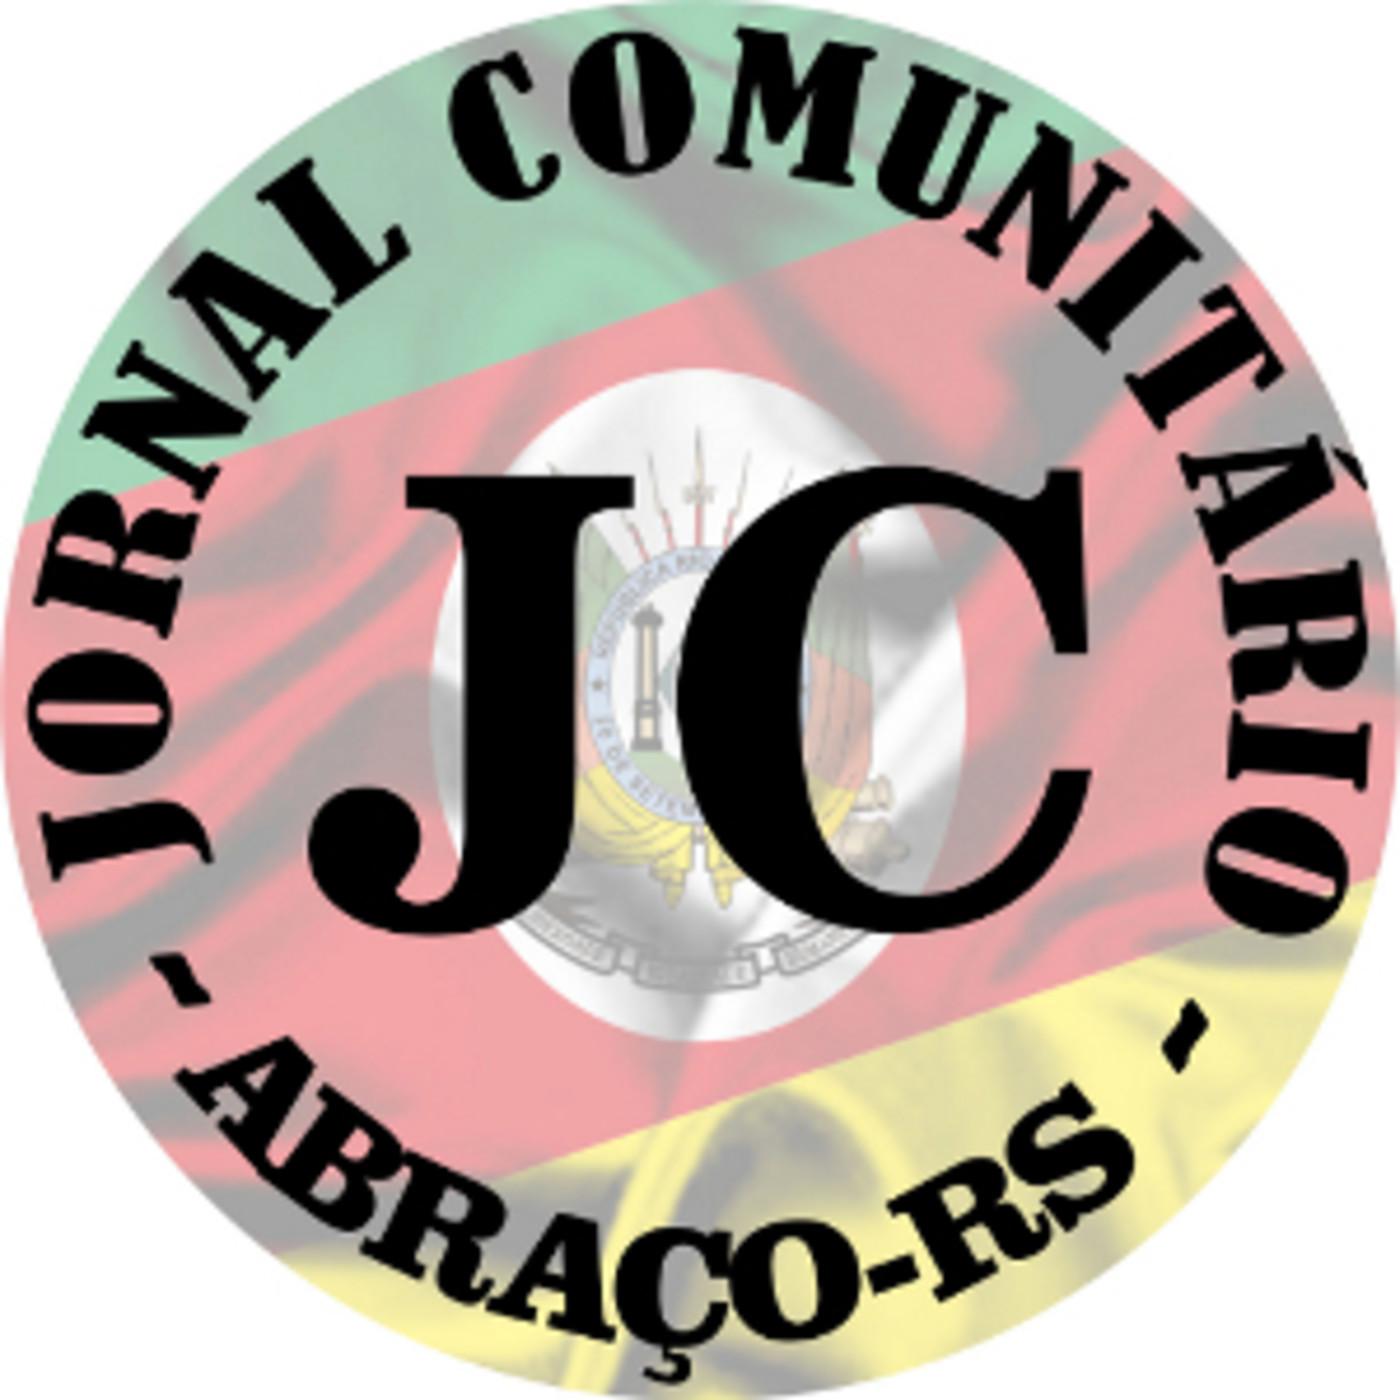 Jornal Comunitário - Rio Grande do Sul - Edição 1609, do dia 26 de Outubro de 2018